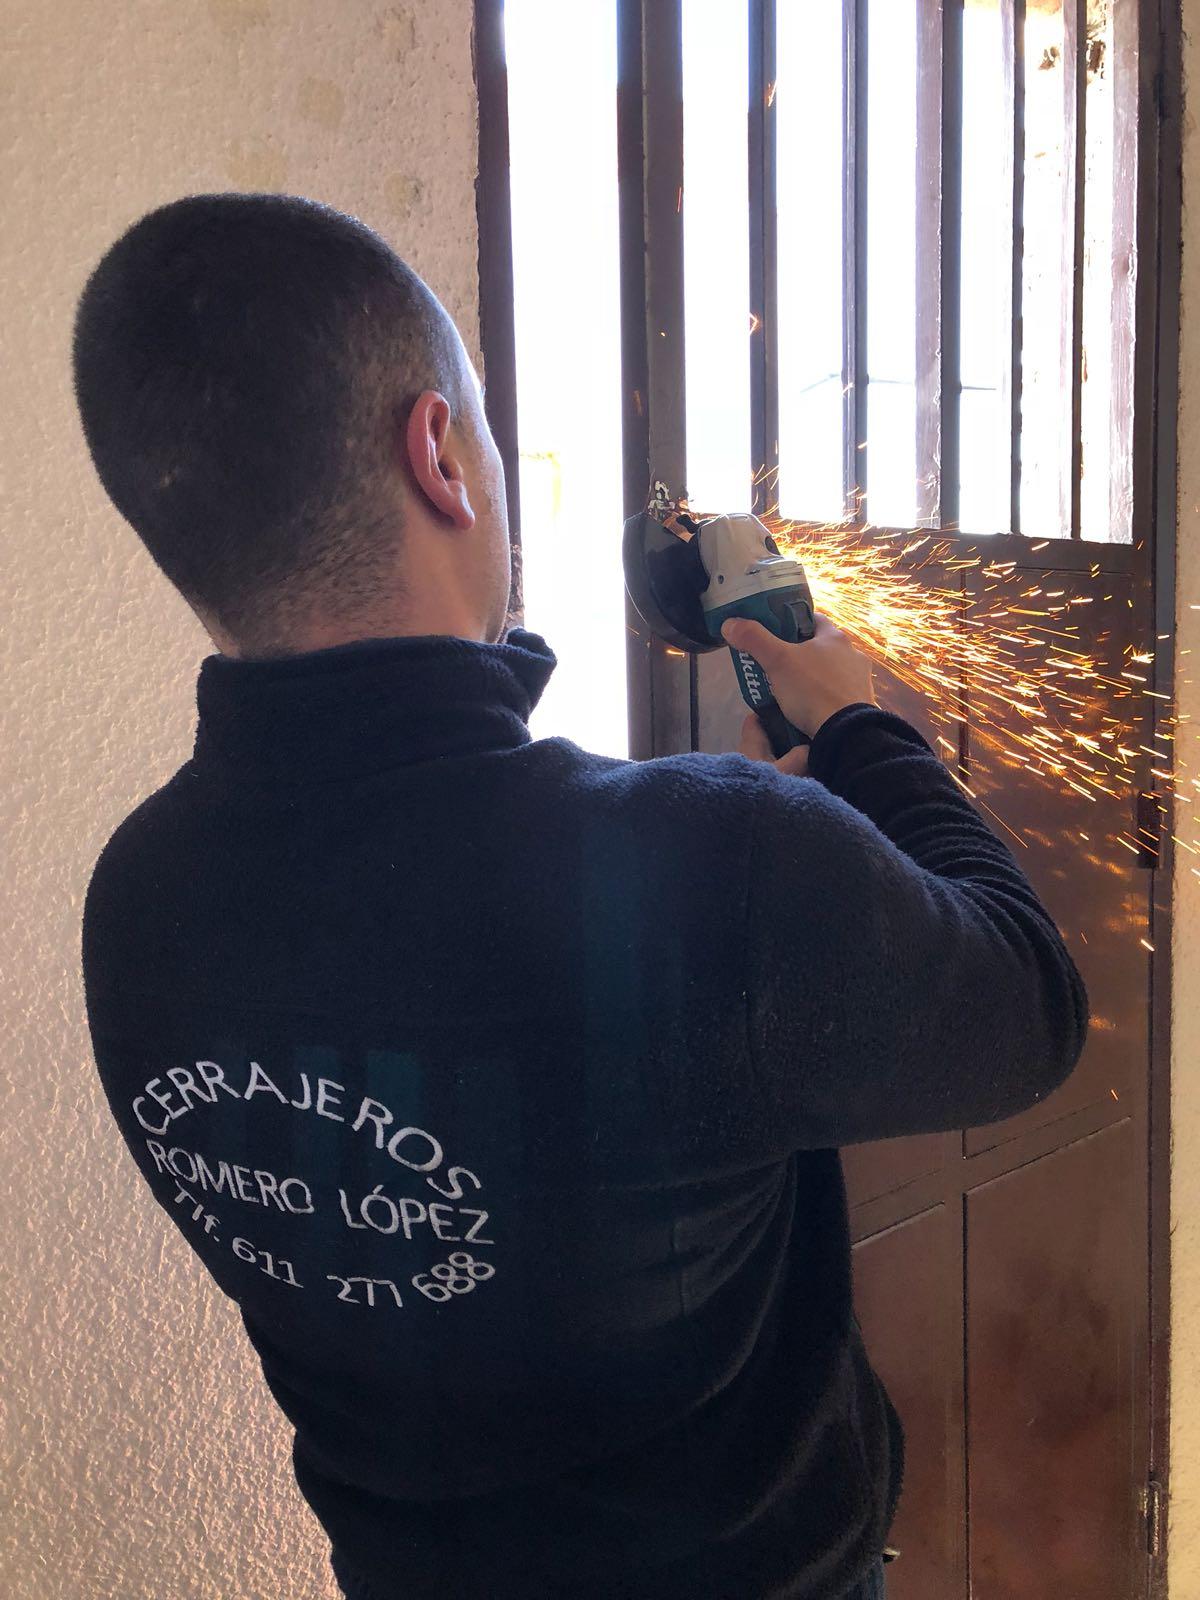 reparacion de puertas metalicas vicalvaro